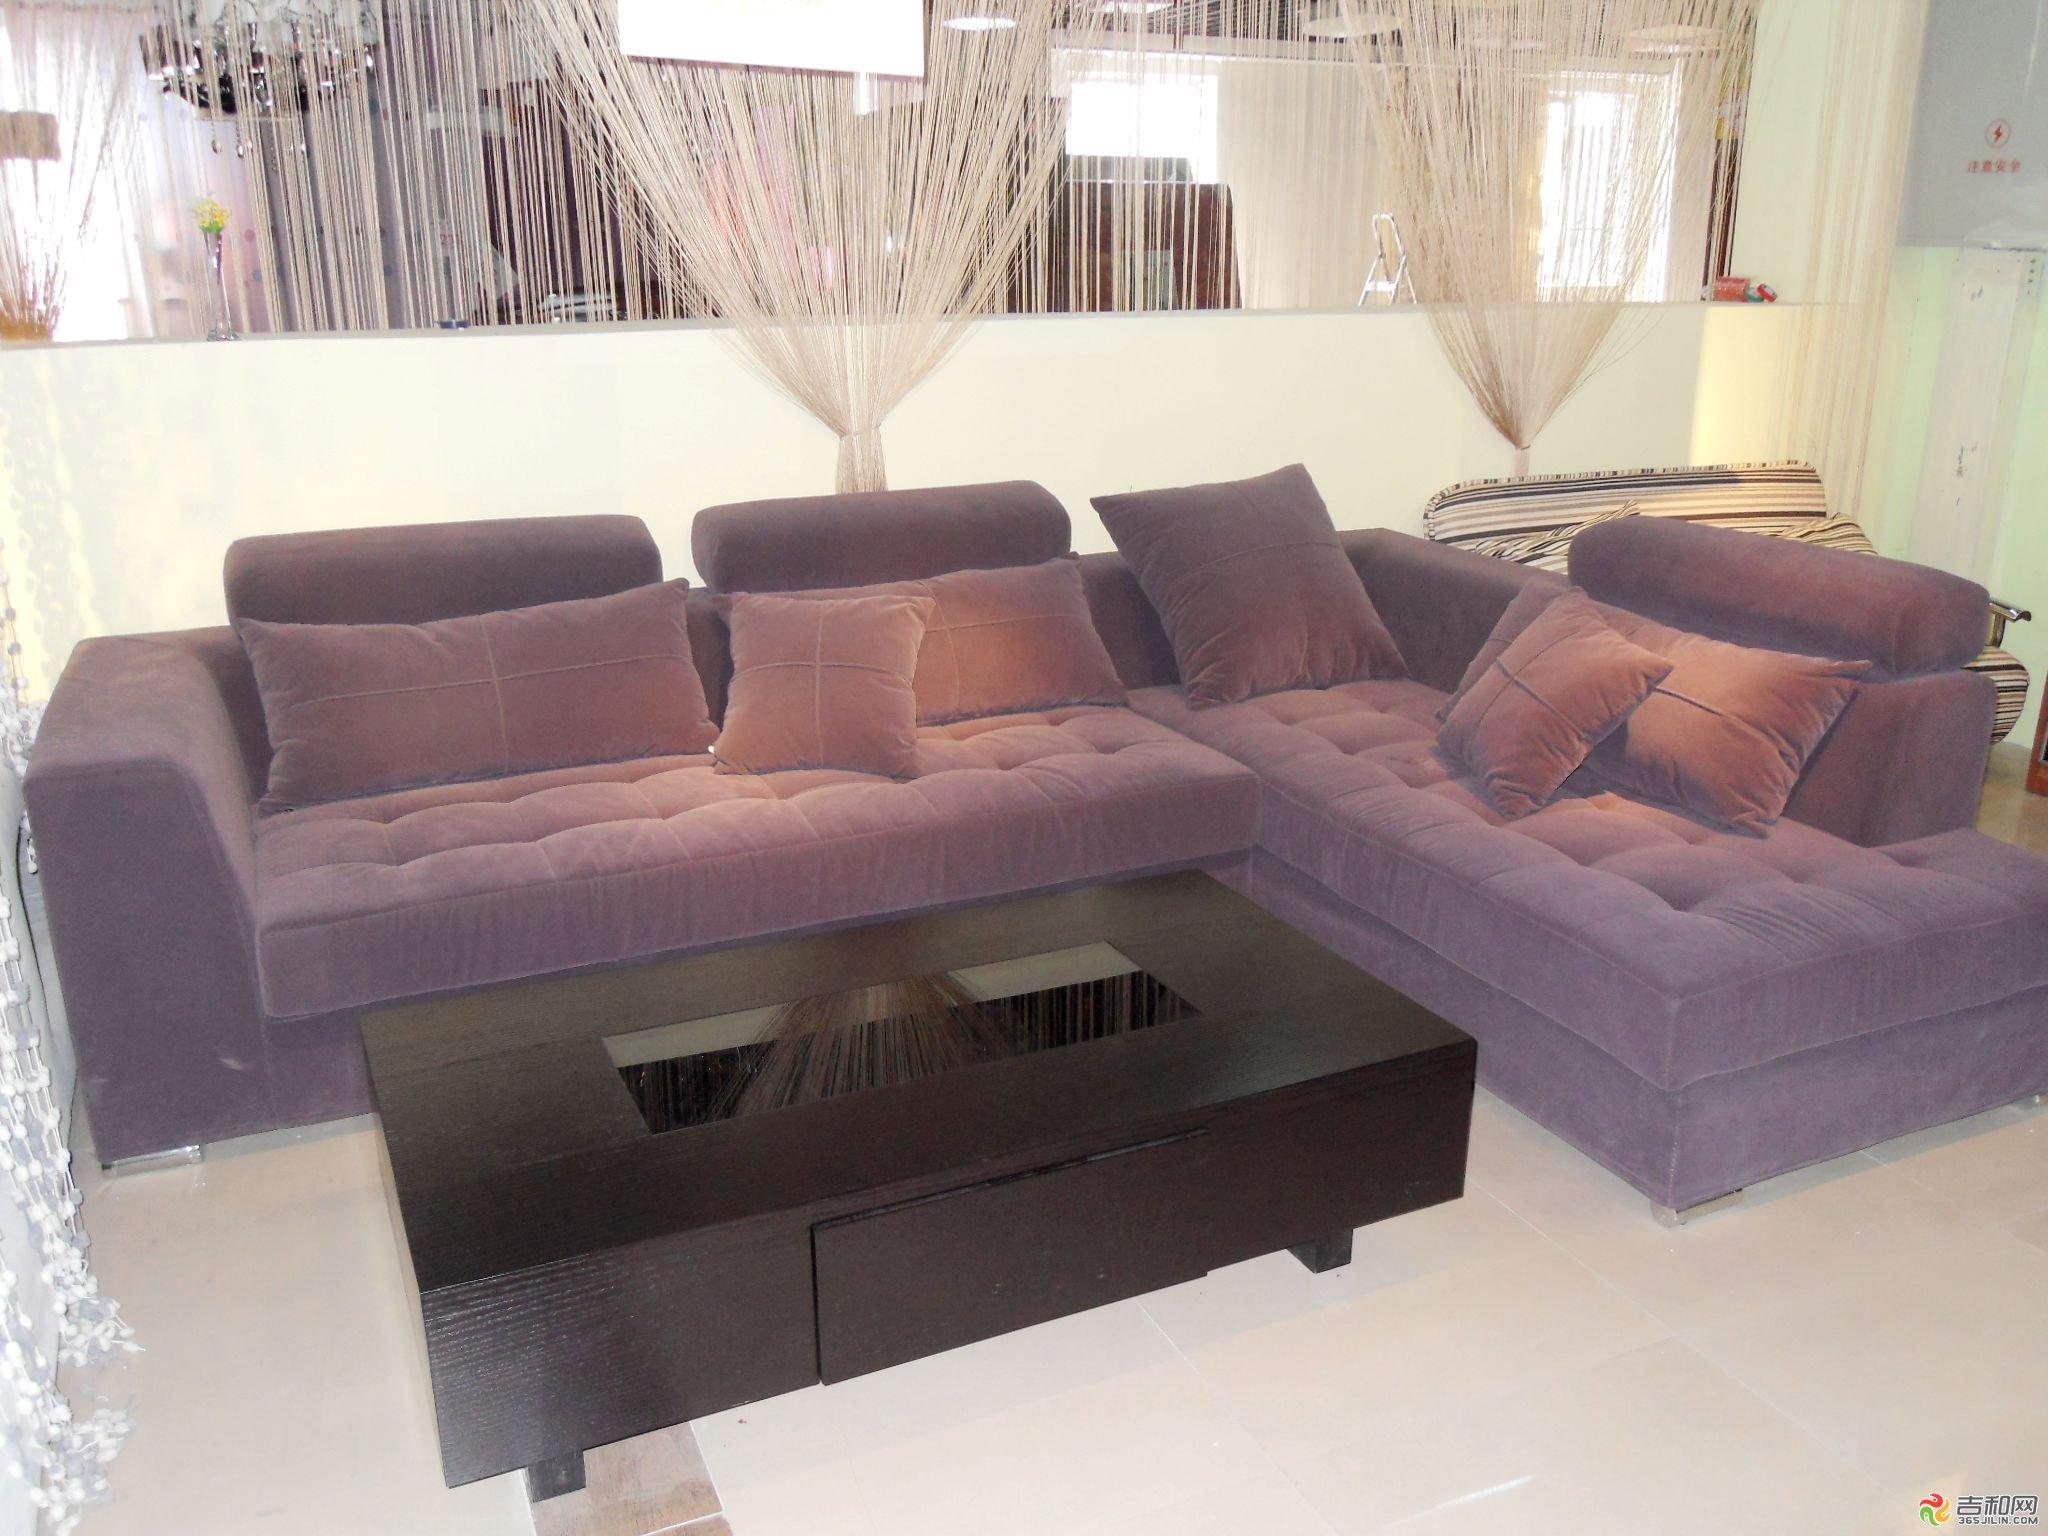 怎样清洁布艺沙发 清洁布艺沙发的方法与窍门